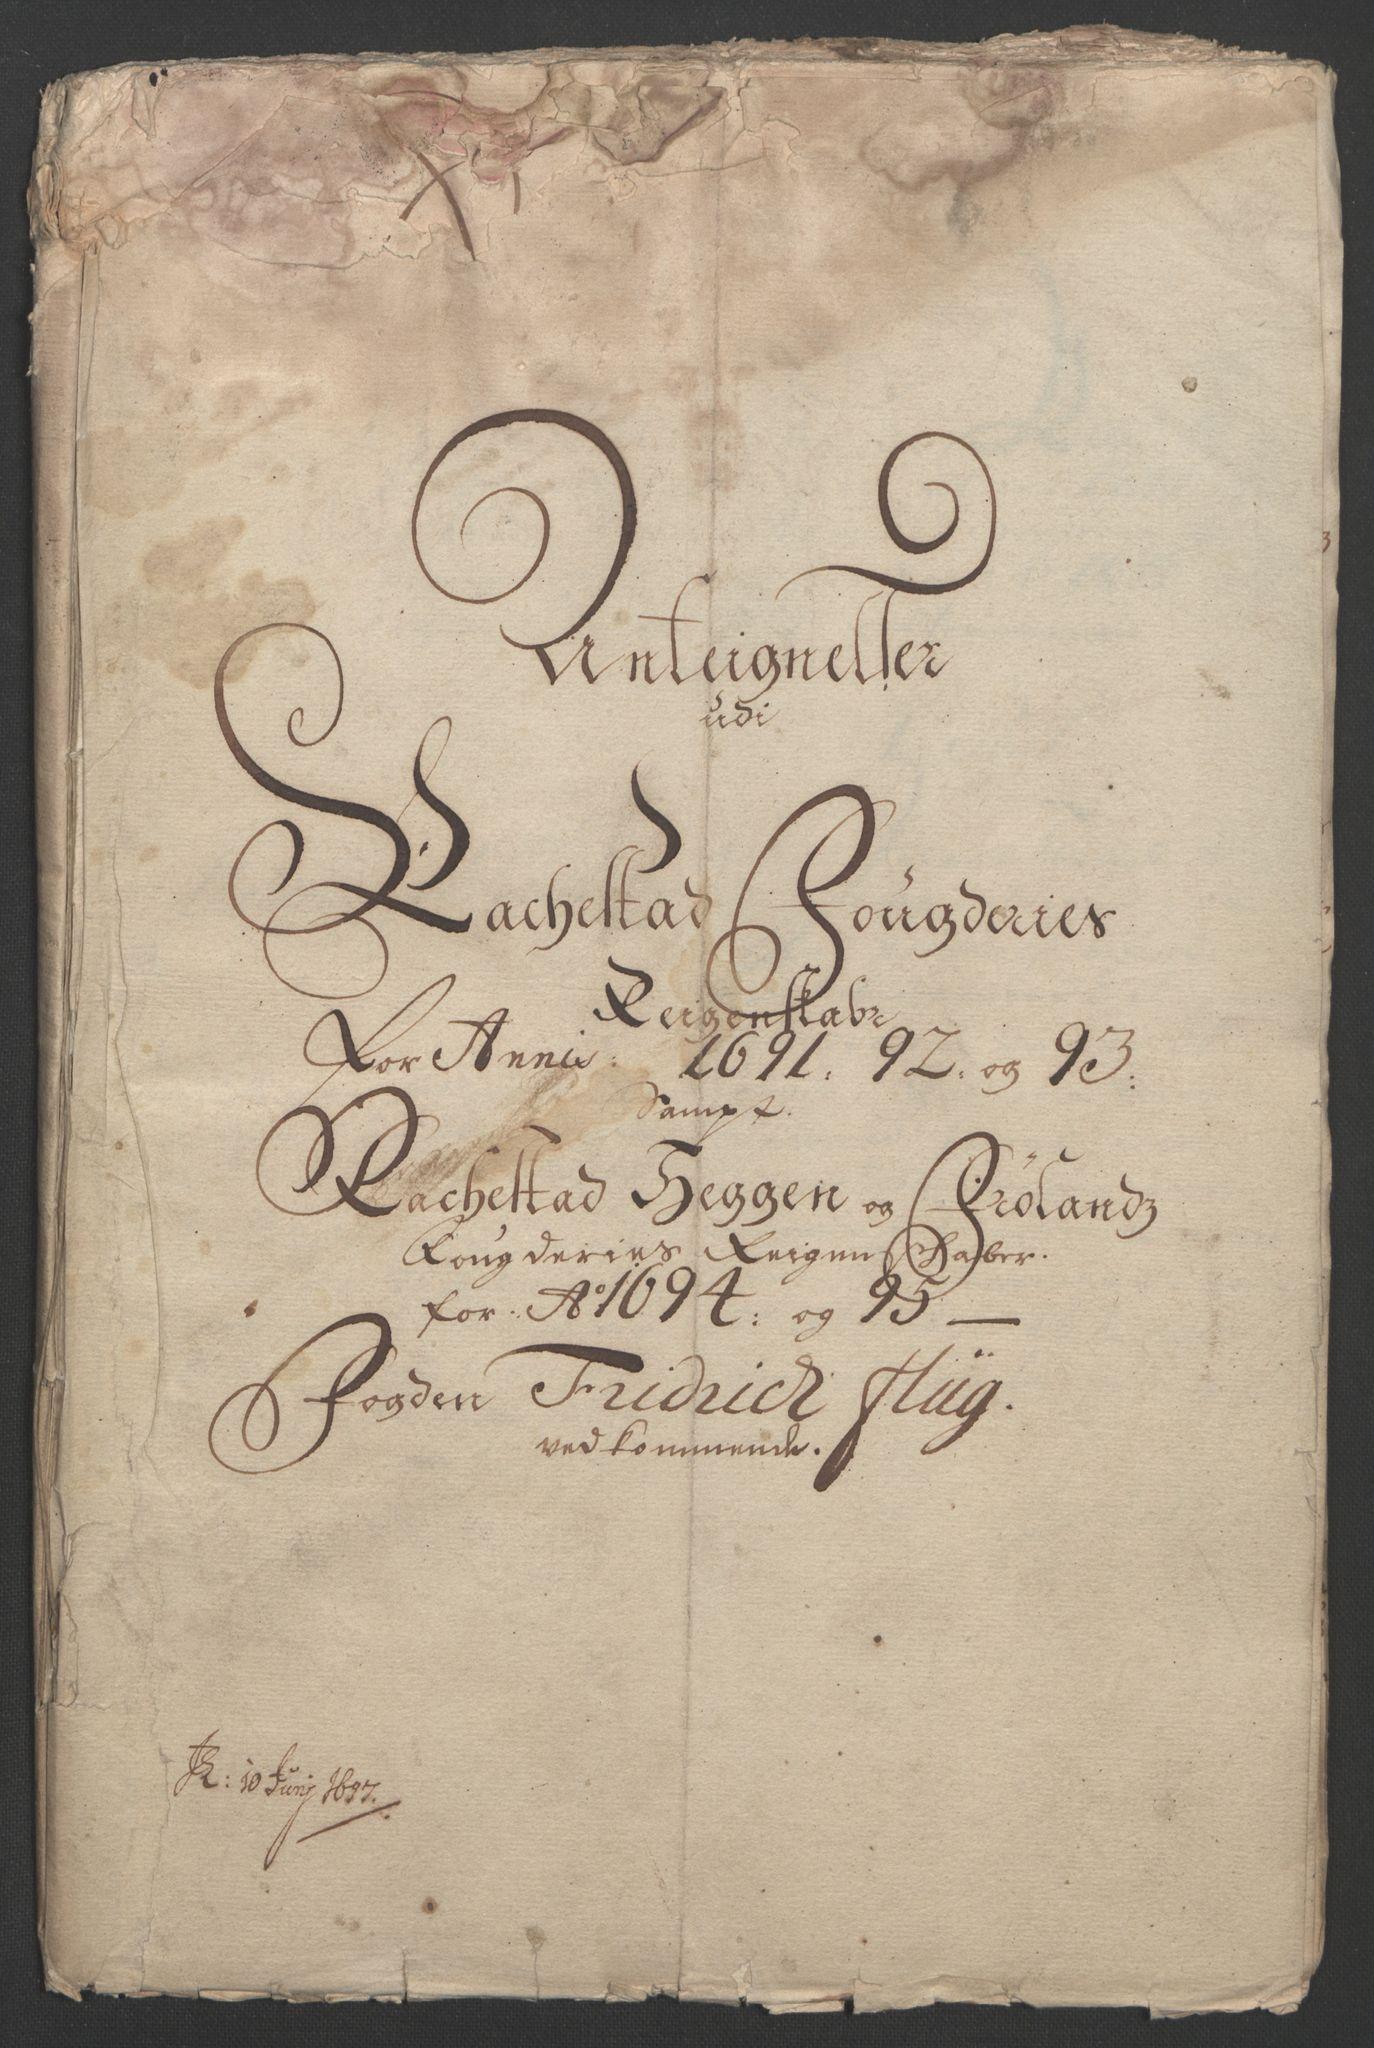 RA, Rentekammeret inntil 1814, Reviderte regnskaper, Fogderegnskap, R07/L0285: Fogderegnskap Rakkestad, Heggen og Frøland, 1695, s. 348